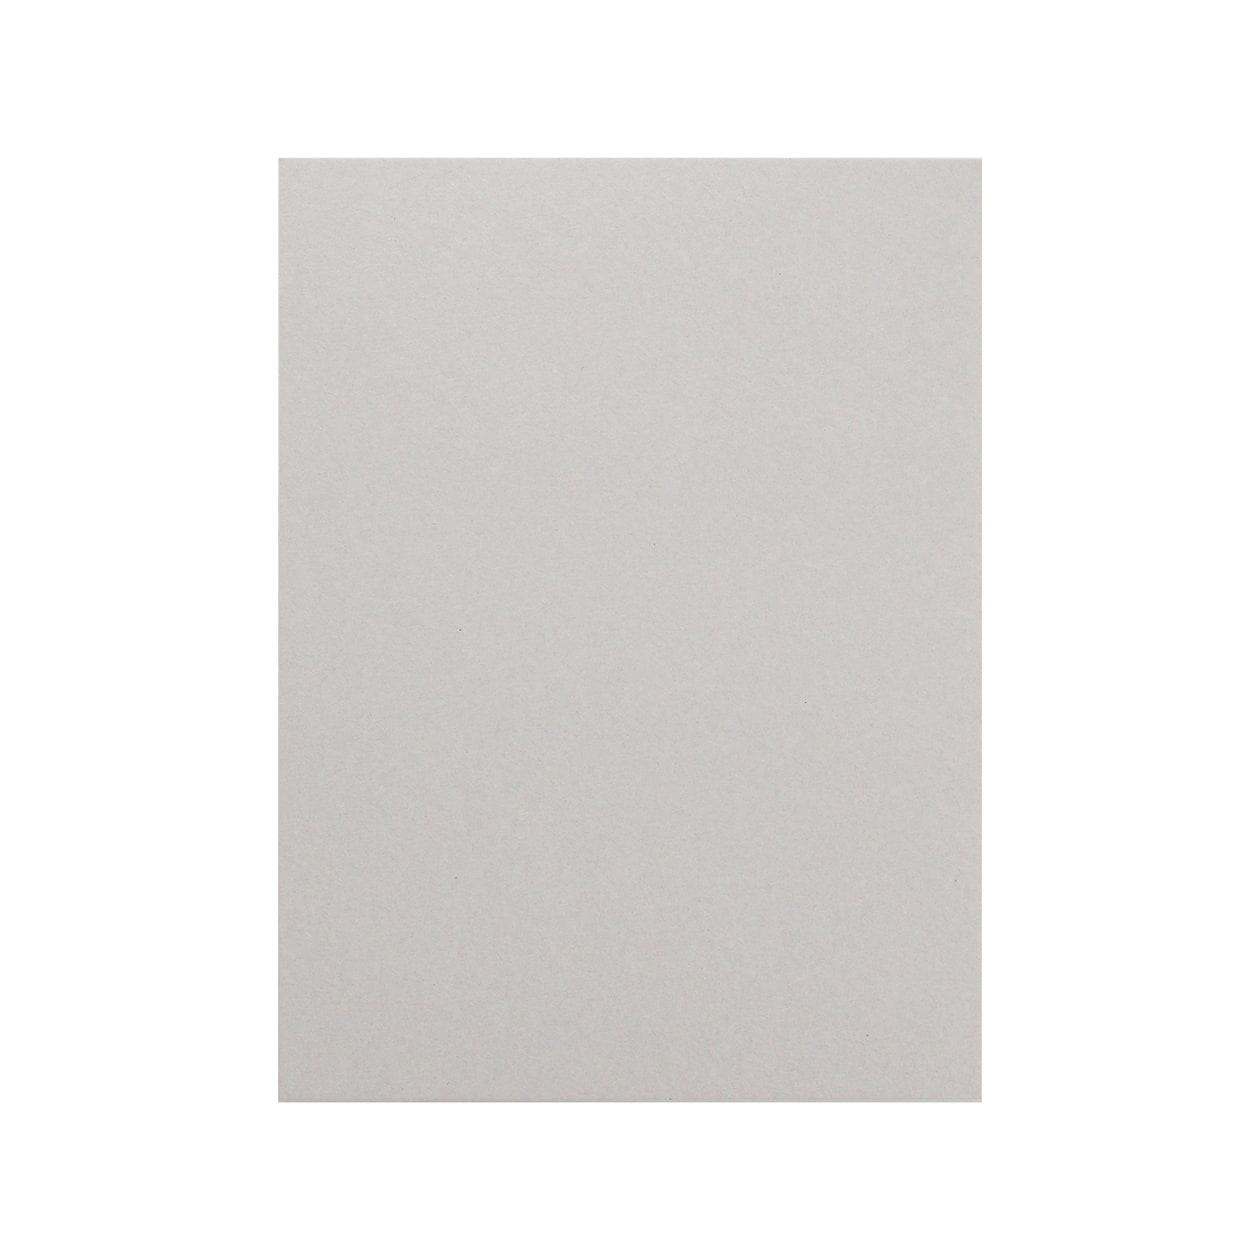 A5カード+30 ボード紙 グレー 600g